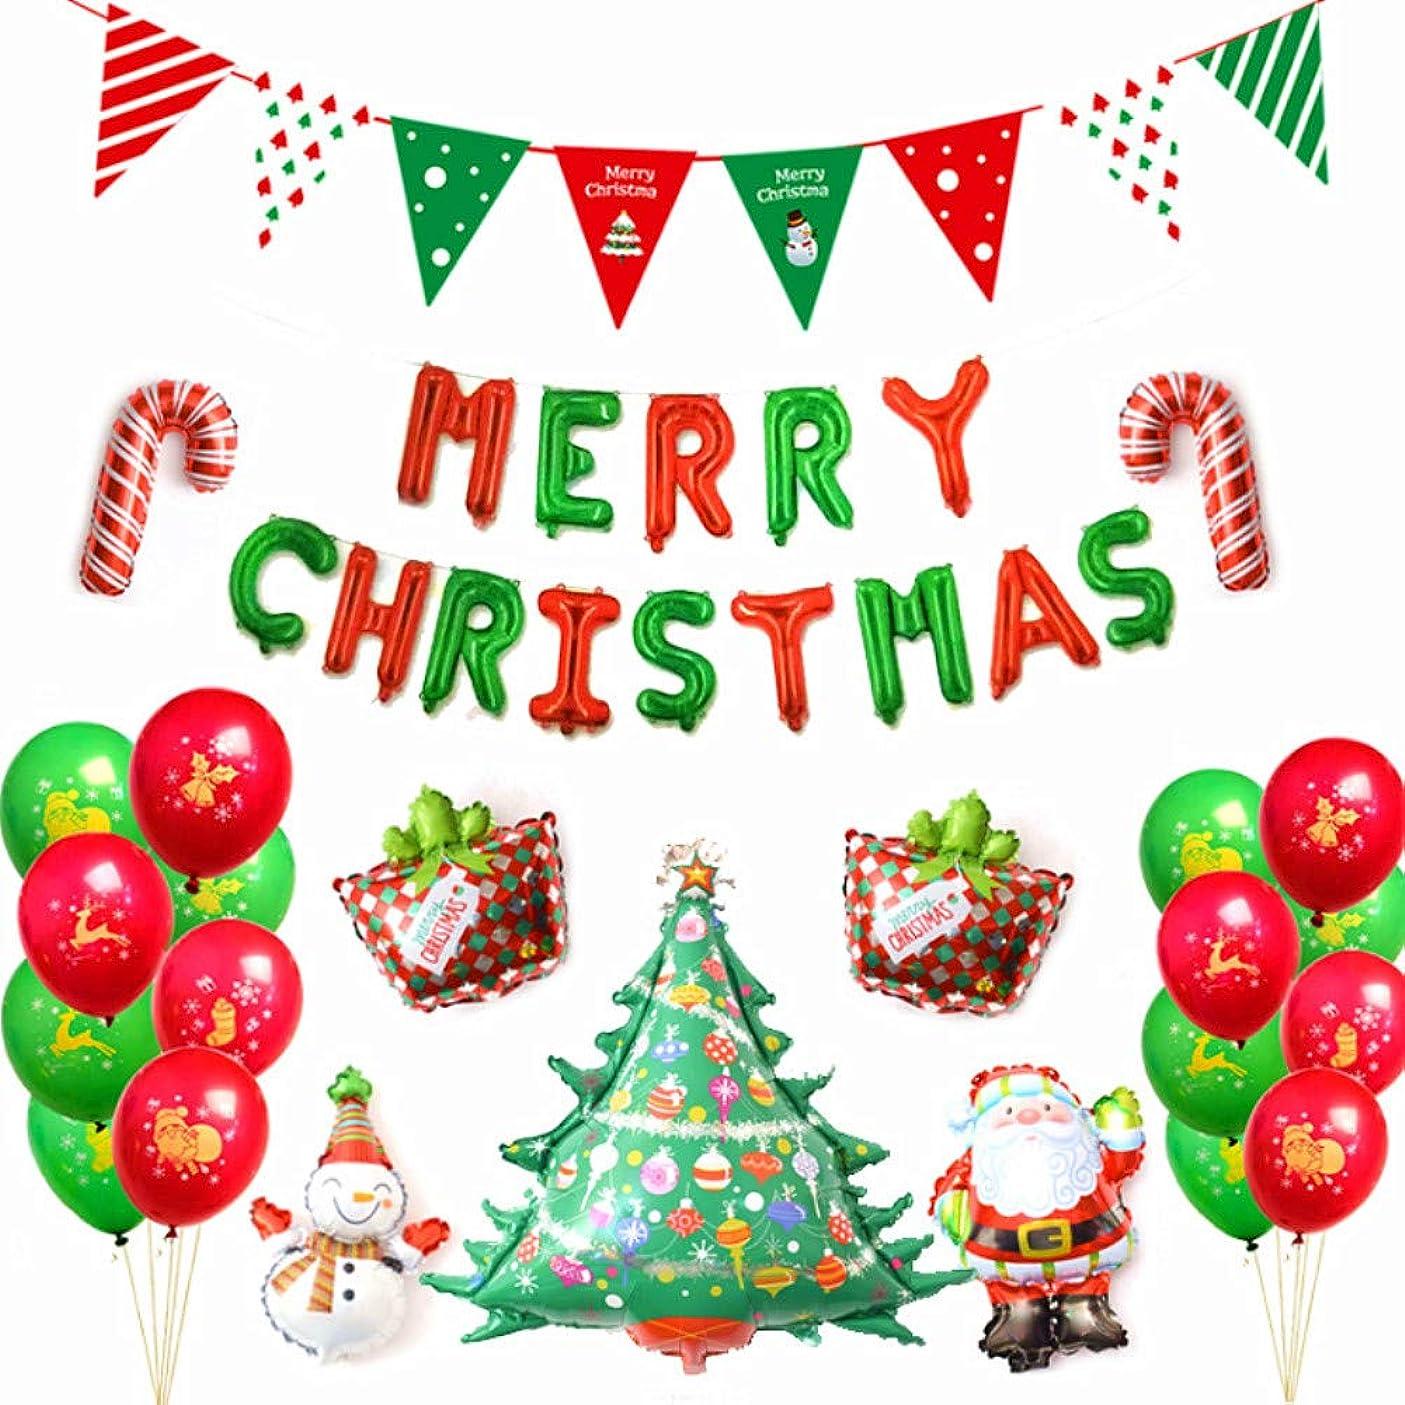 感じプライバシー年金Better stars クリスマス 飾り付け バルーン 25点セット クリスマス風船 ガーランド サンタクロース クリスマスツリー 雪だるま アルミバルーン おしゃれ メリークリスマス お祝い 装飾